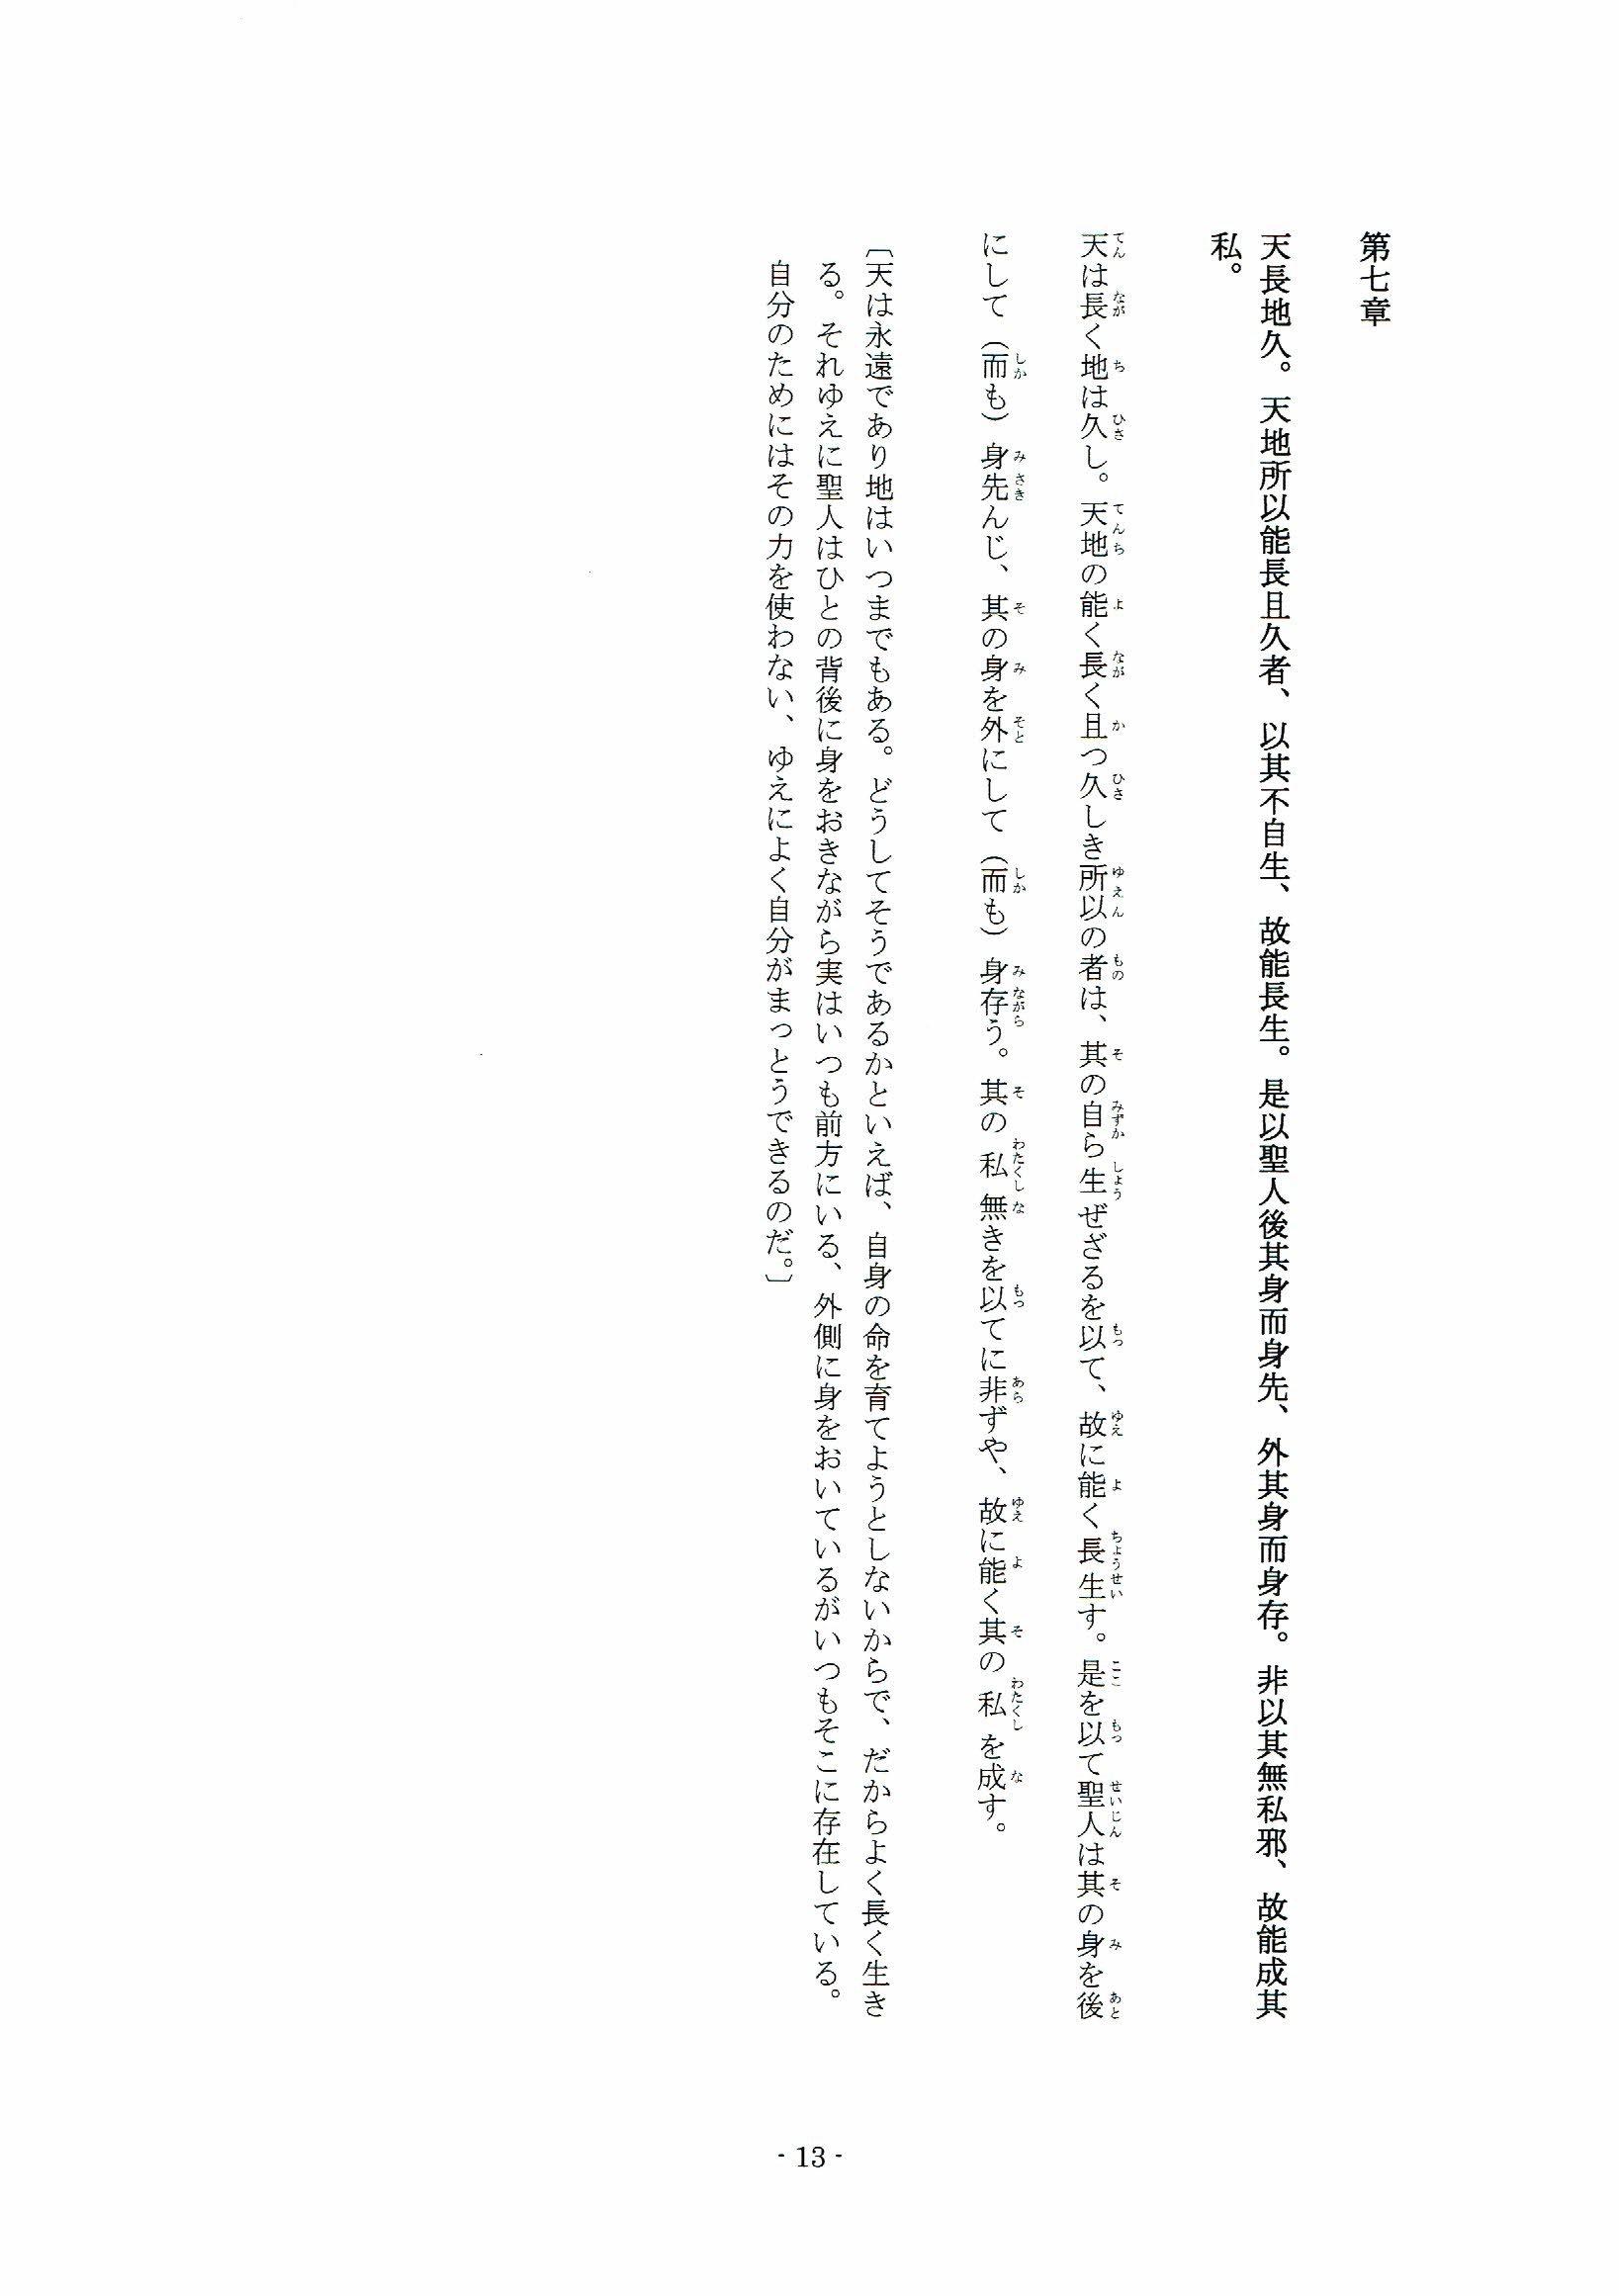 CCI_000050.jpg